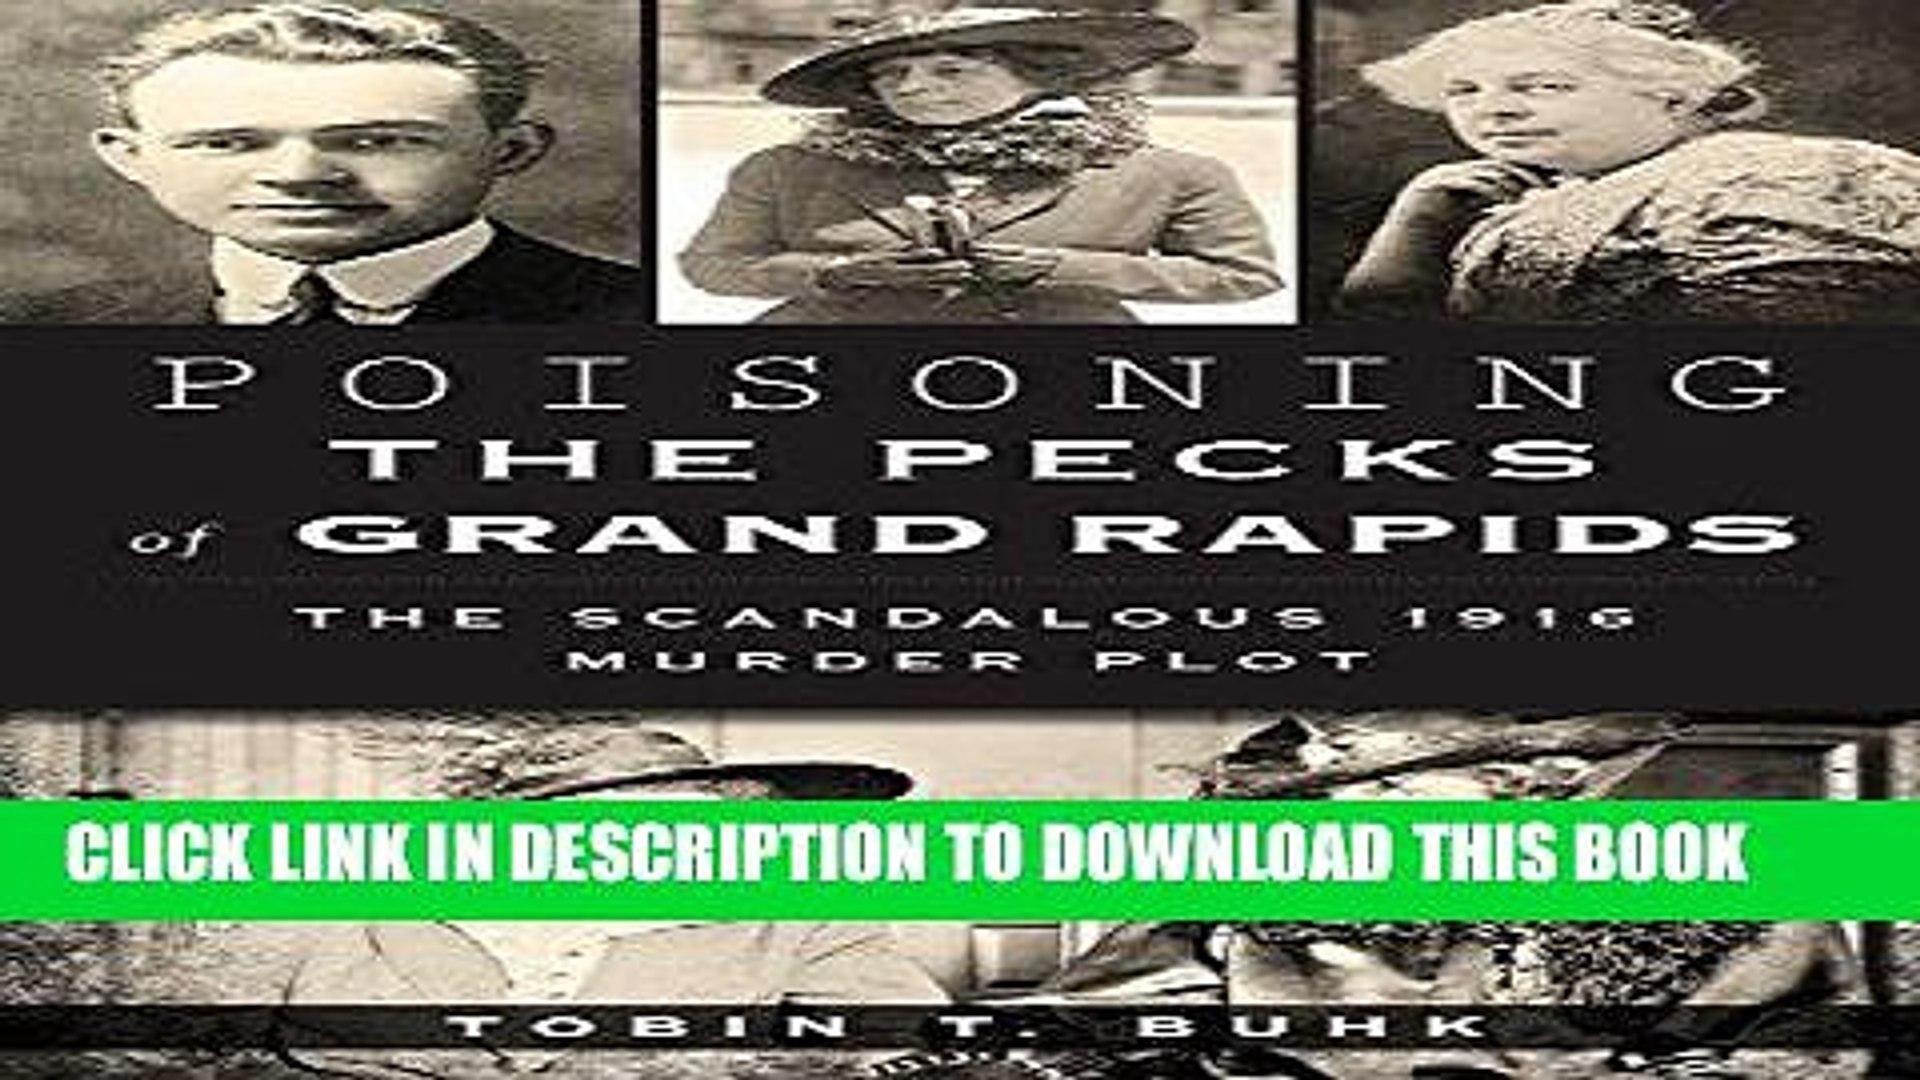 Books Poisoning the Pecks of Grand Rapids:: The Scandalous 1916 Murder Plot (True Crime) Read